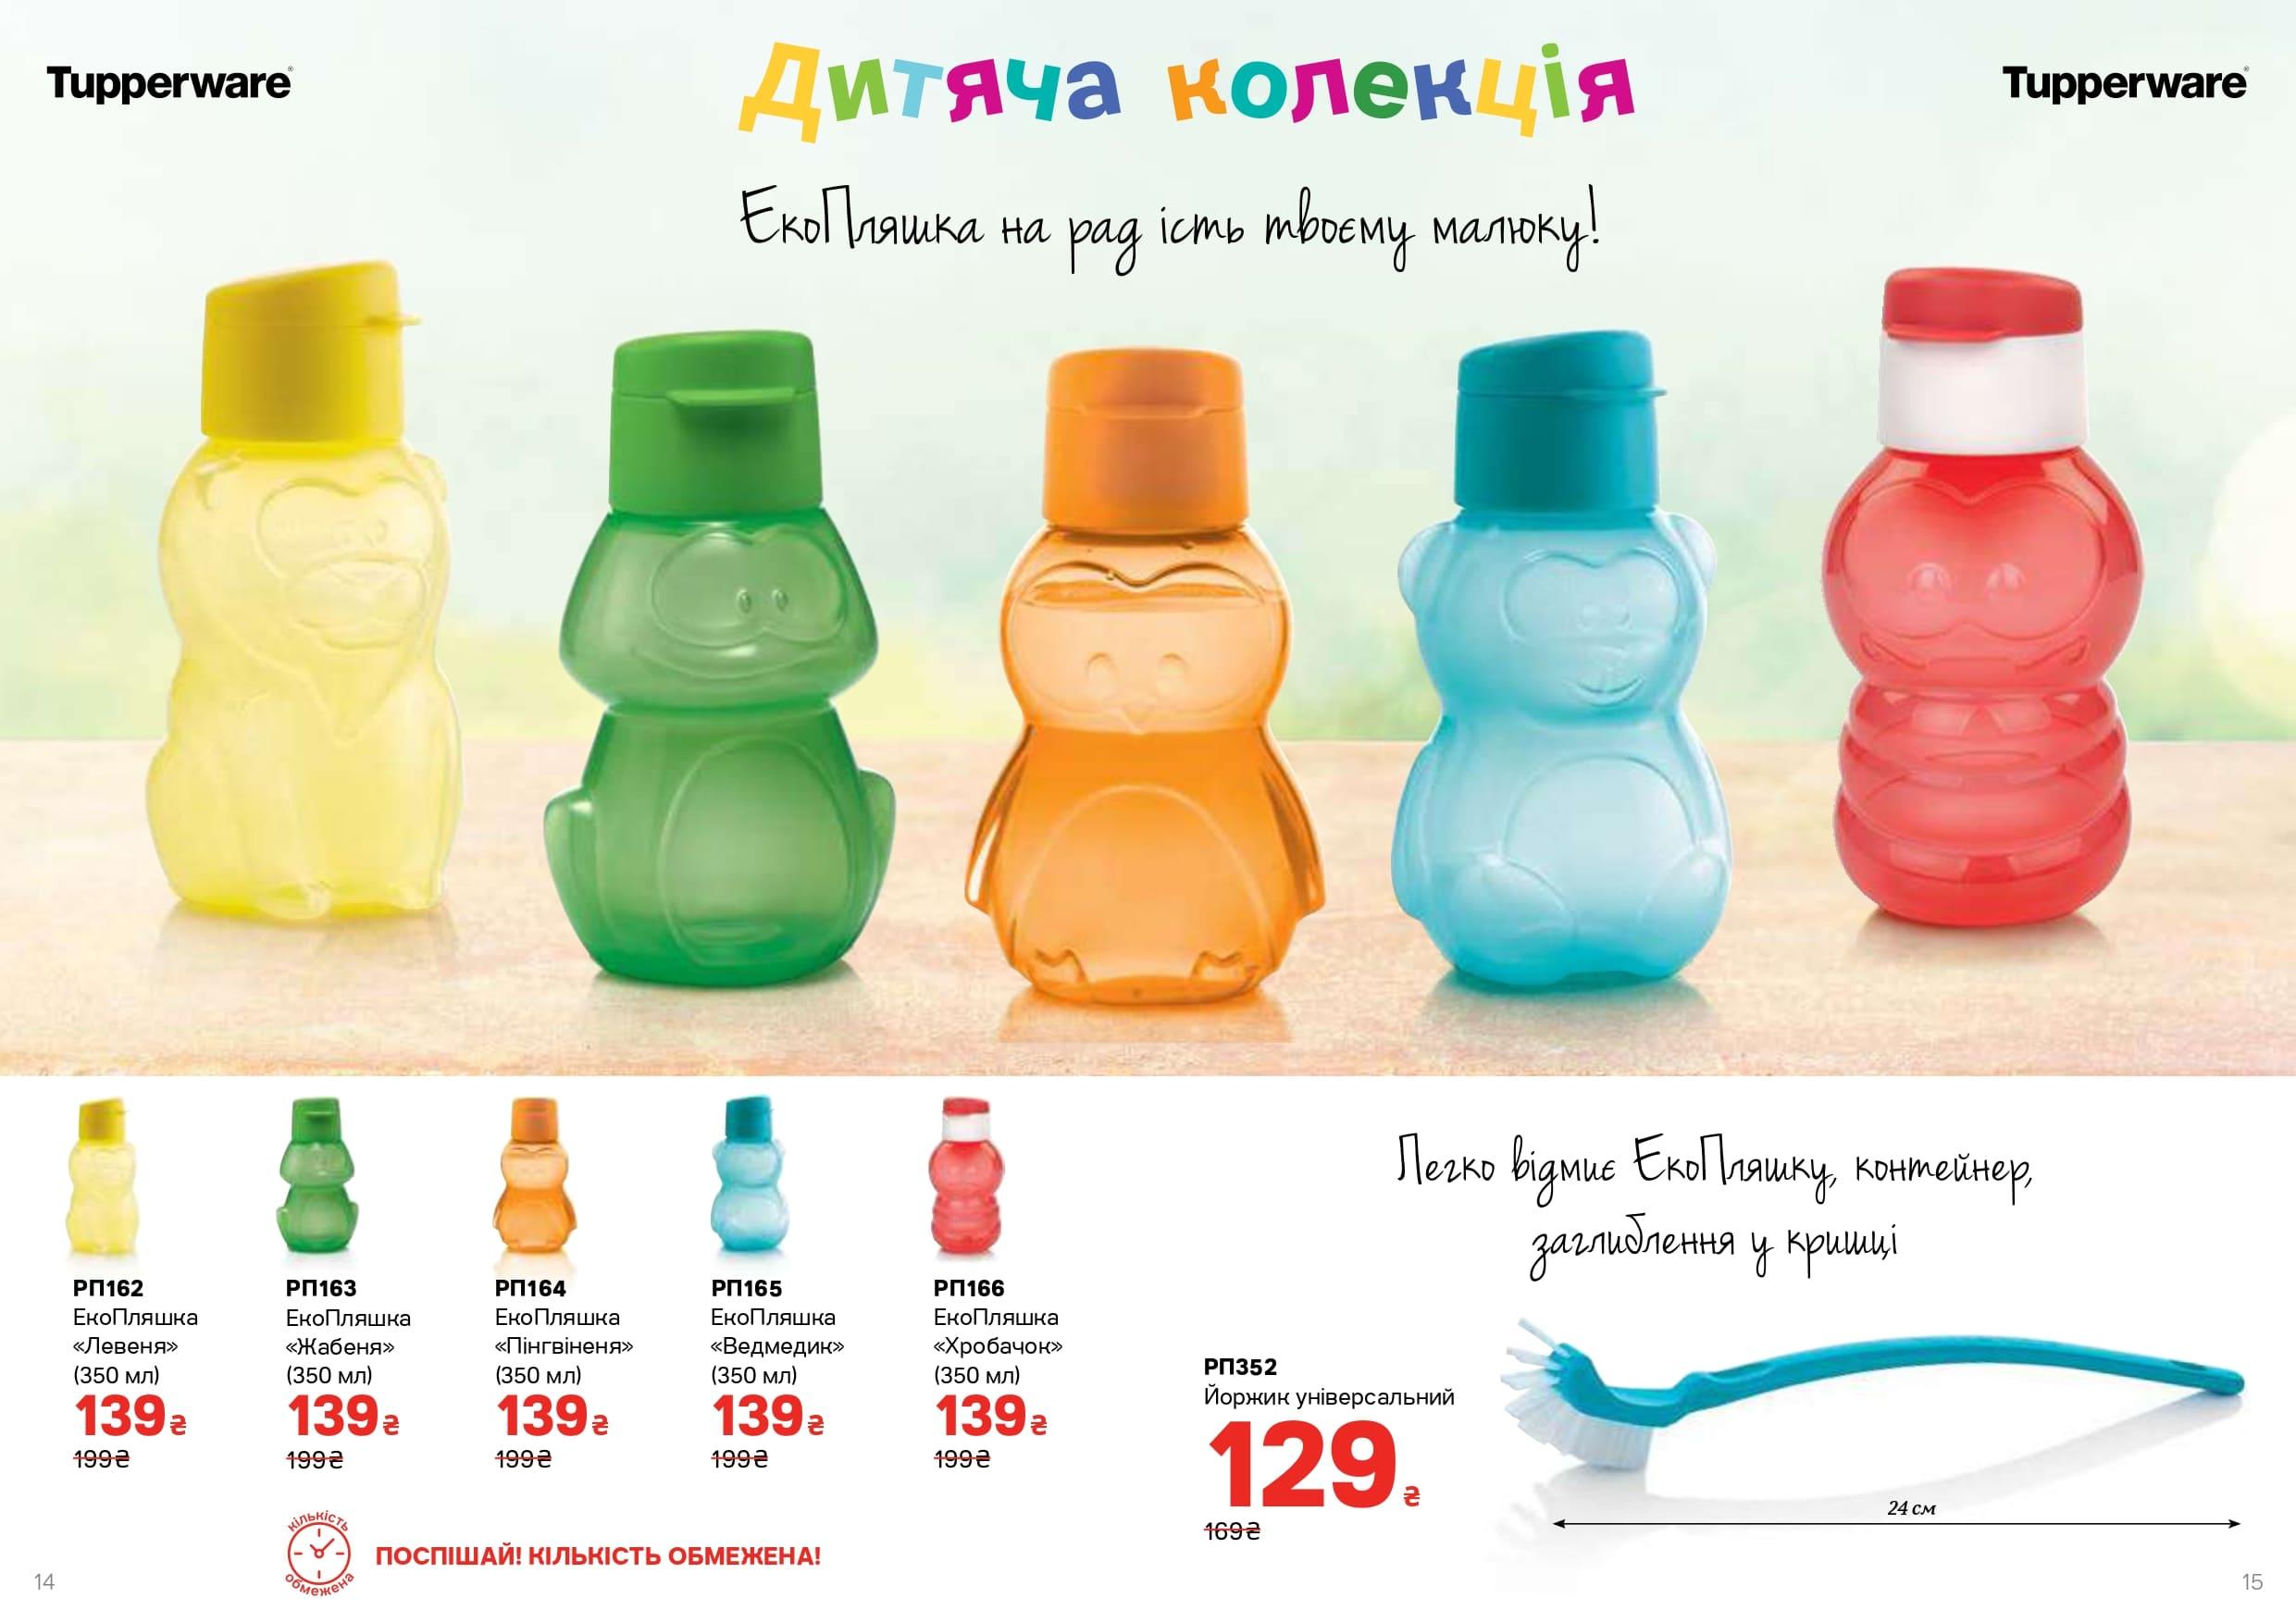 Детские эко бутылки в августе 2020 года со скидкой 30% от Tupperware